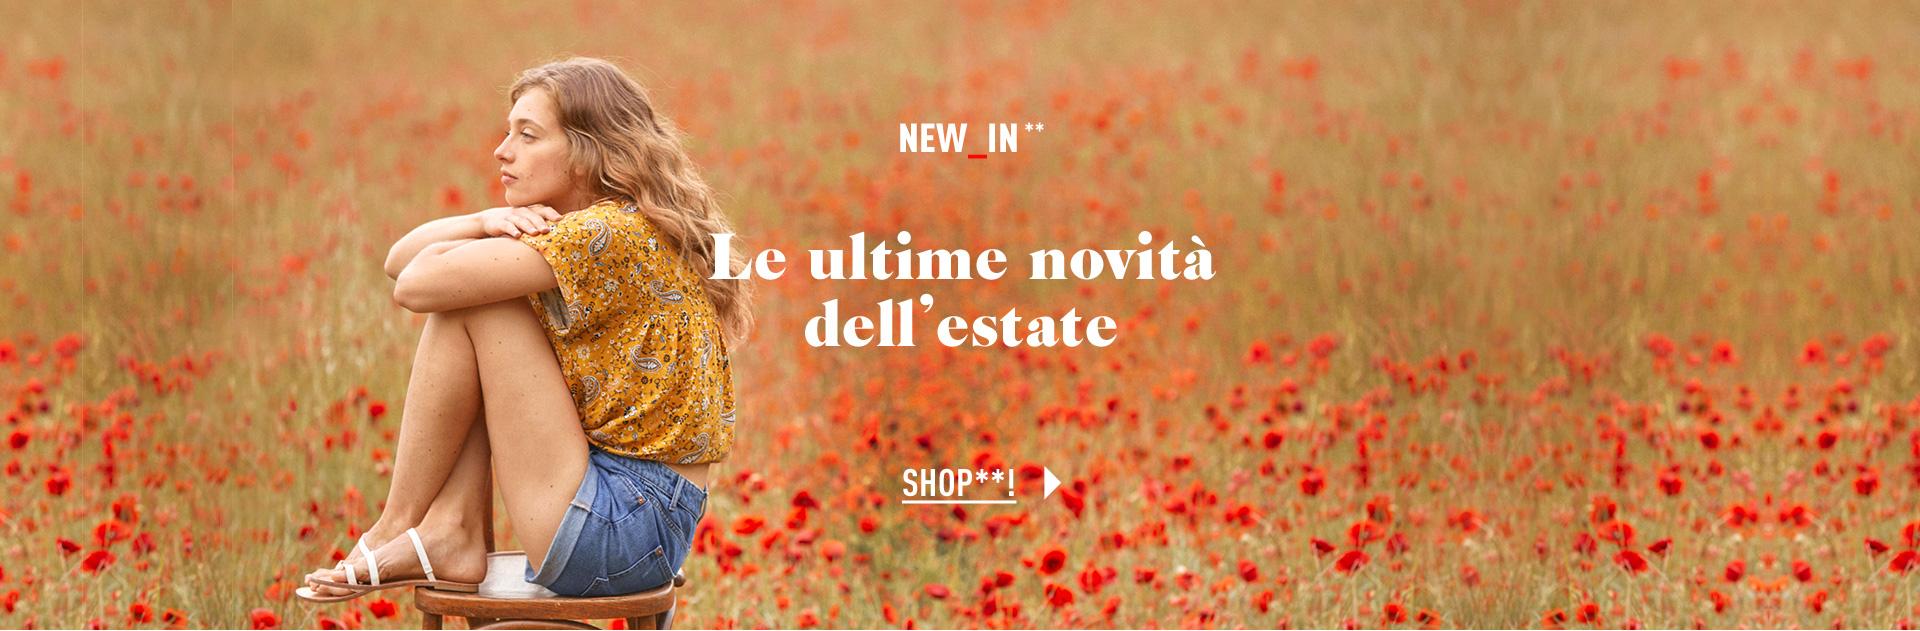 new in**